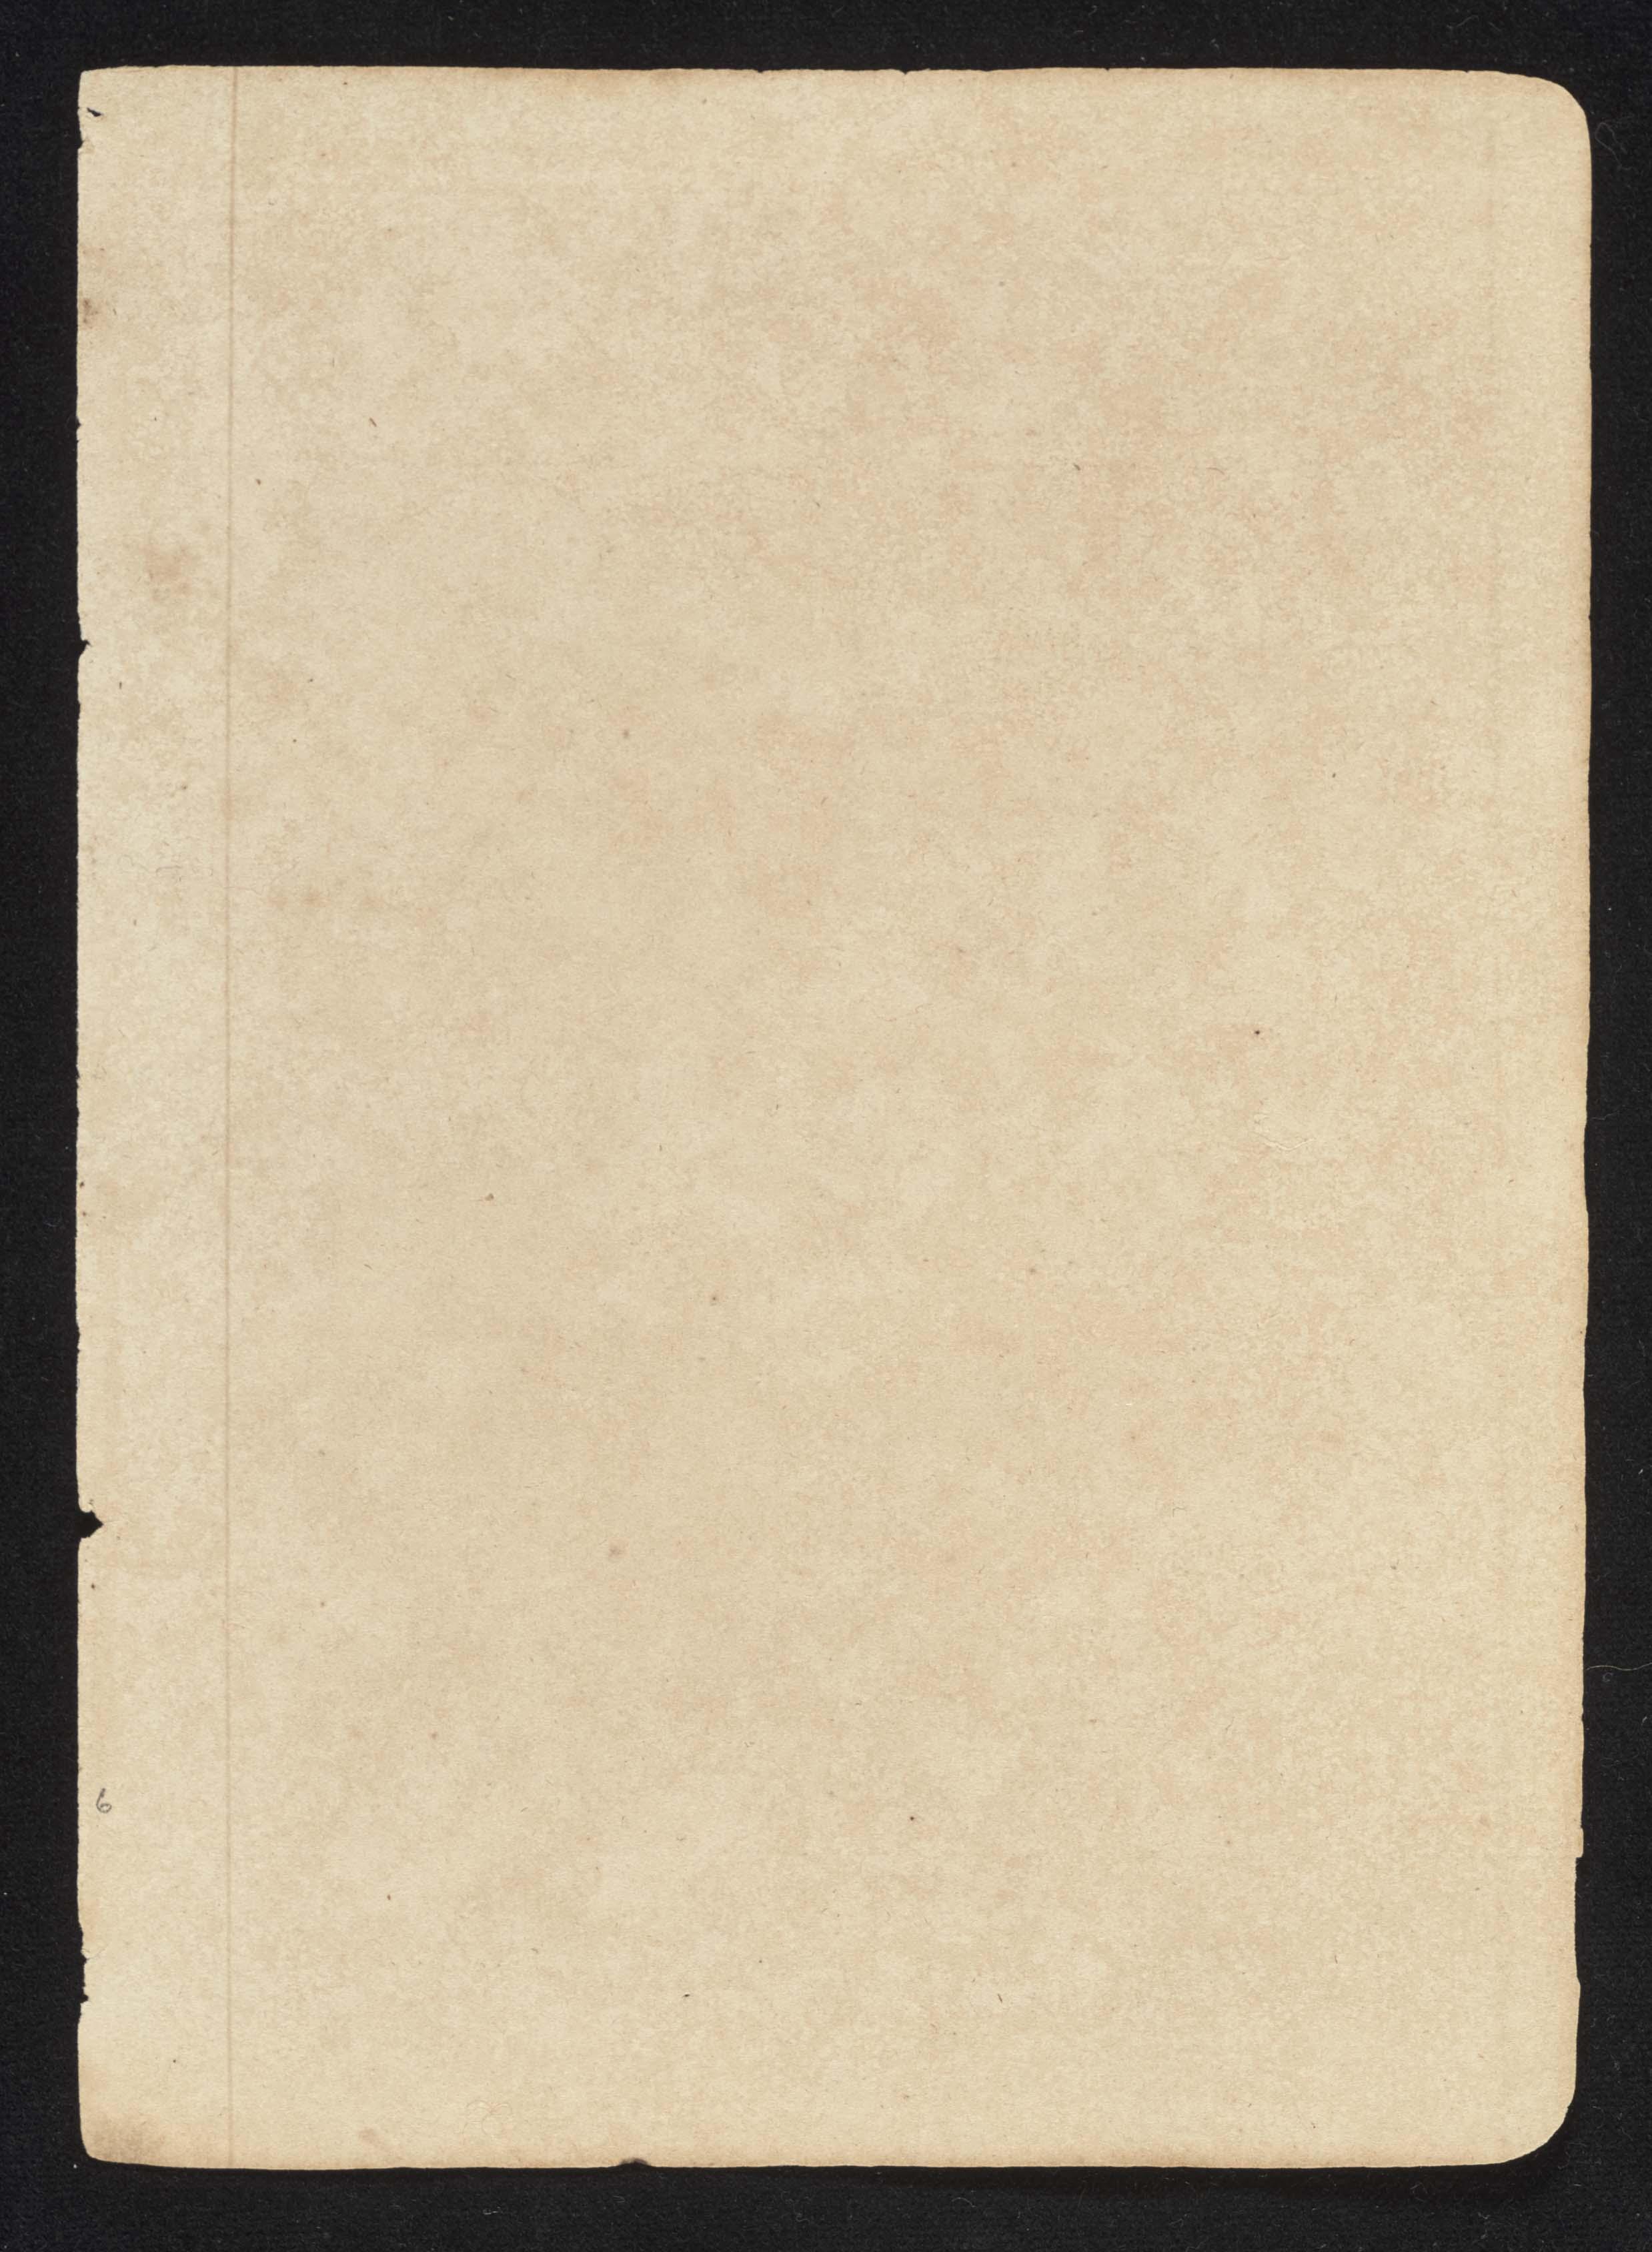 South Carolina Regiment Order Book, Page 11